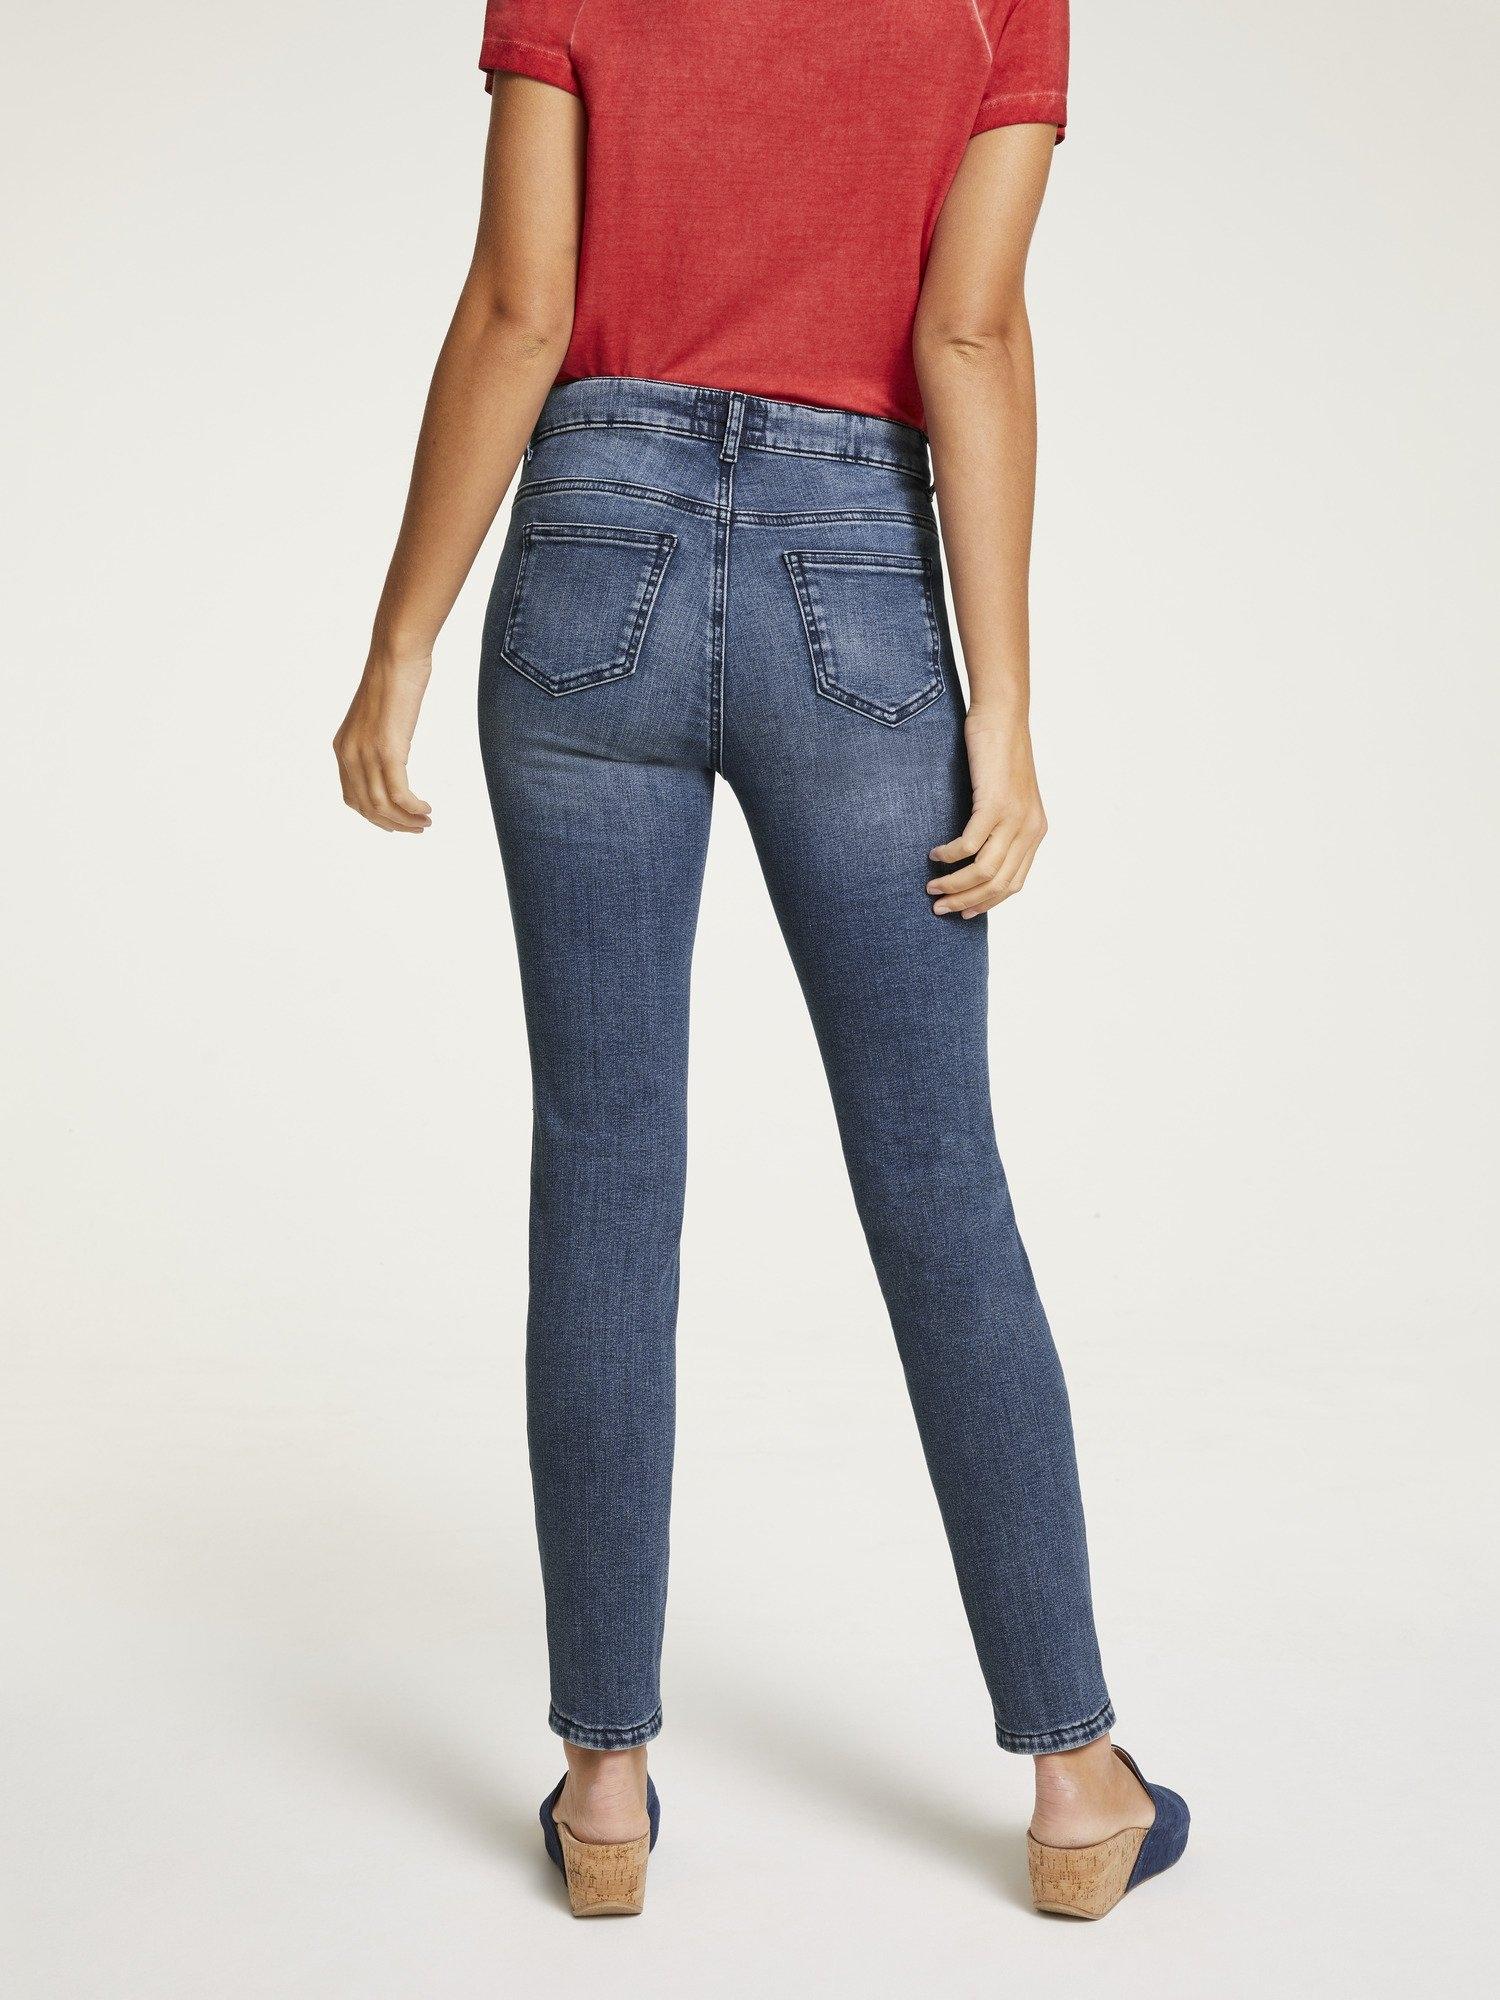 LINEA TESINI by Heine slim fit jeans met borduurwerk bestellen: 30 dagen bedenktijd